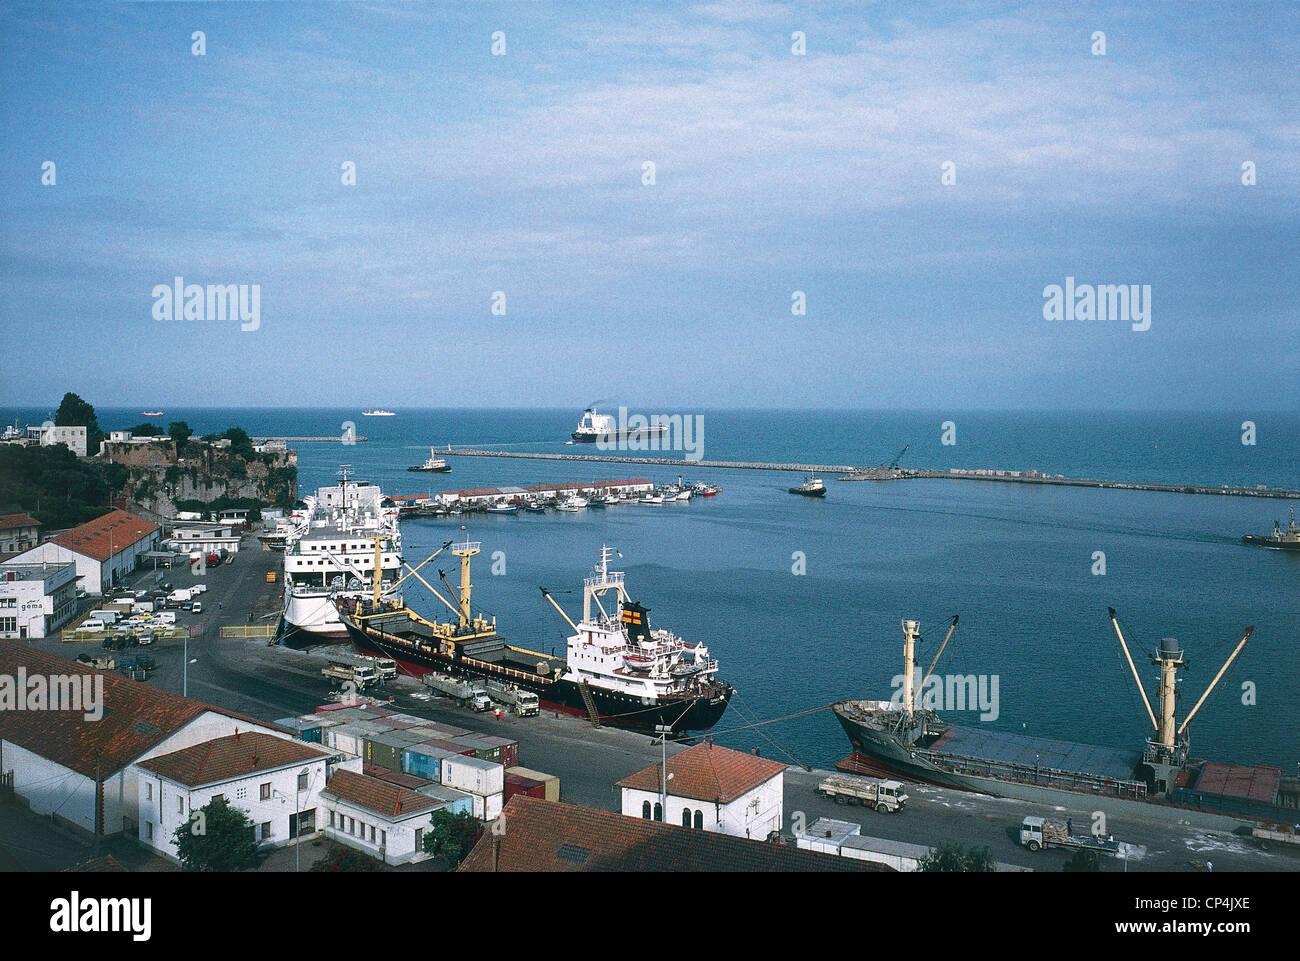 Algeria - Bejaja, port. Stock Photo